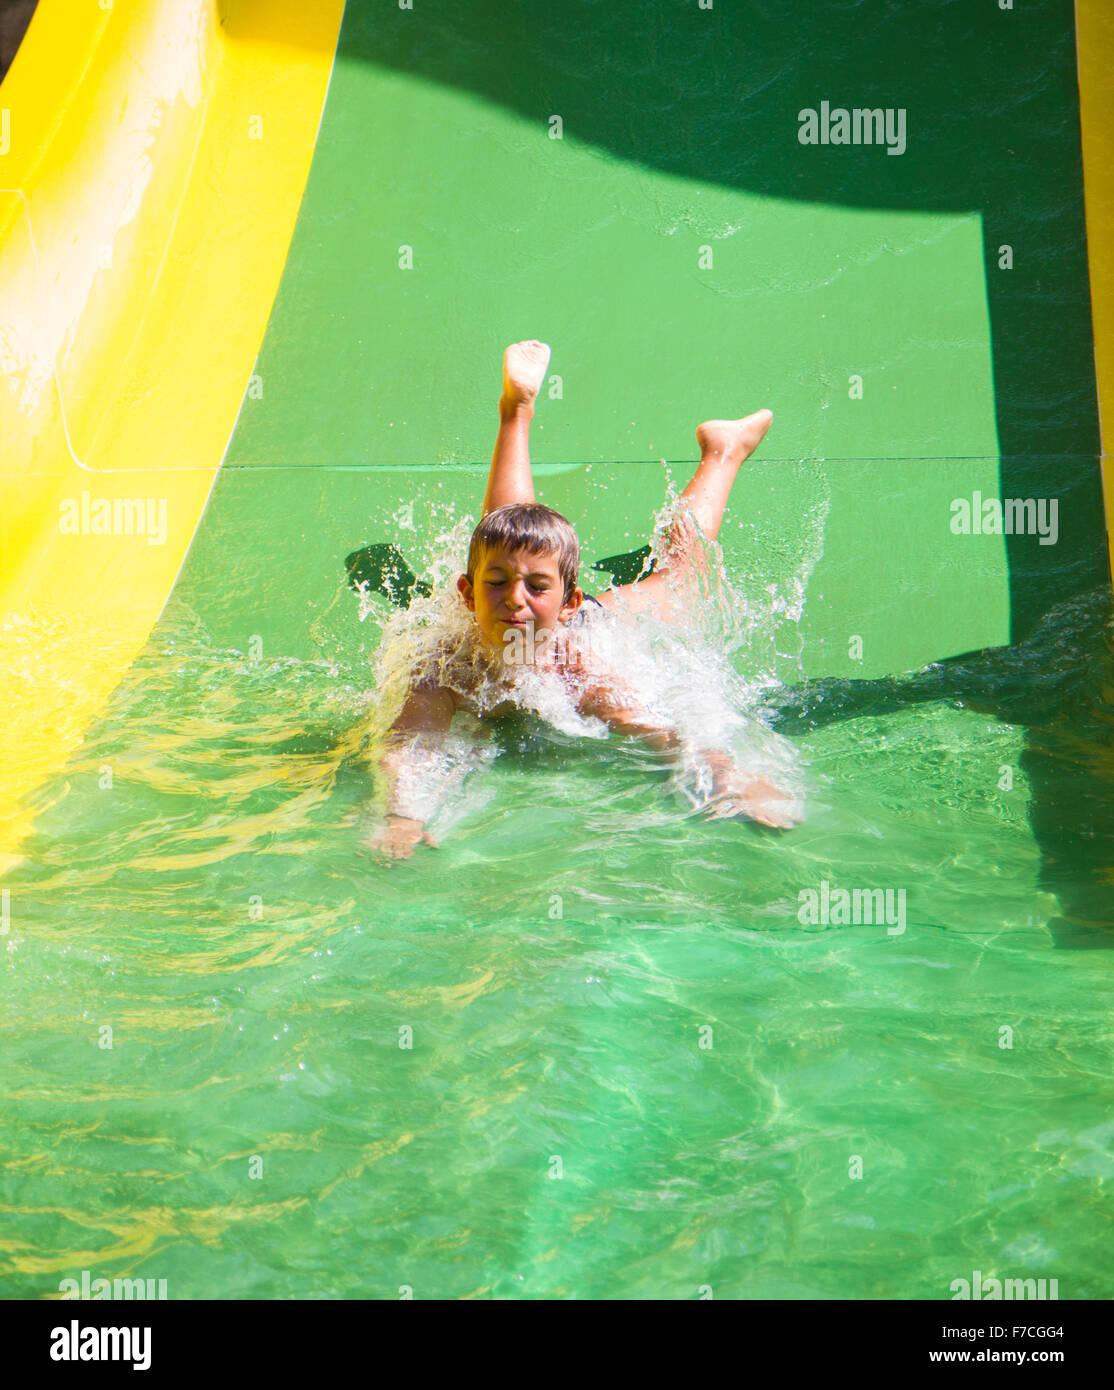 Niños jugando en el tobogán de agua en el parque de diversiones Imagen De Stock